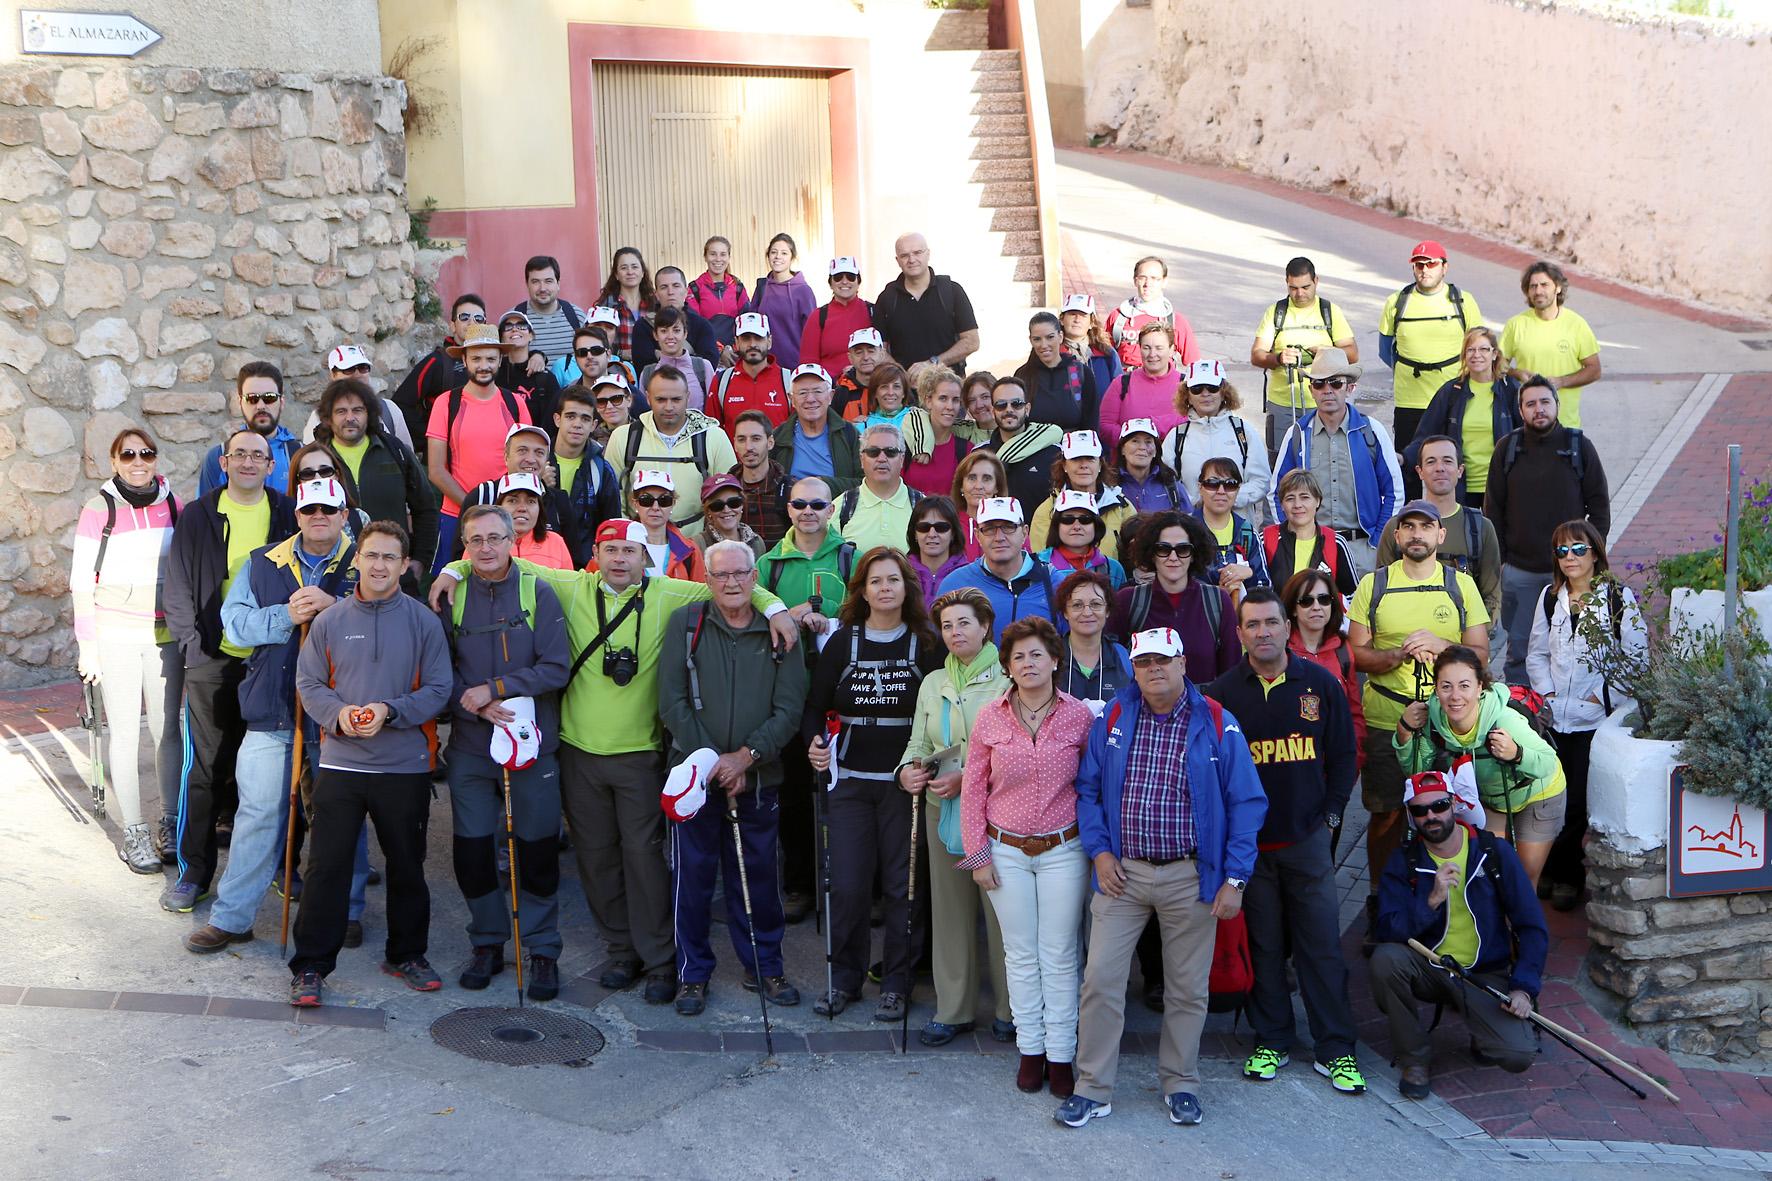 Senderistas participantes_La Mancha Press_Luis Vizcaíno__1577-2